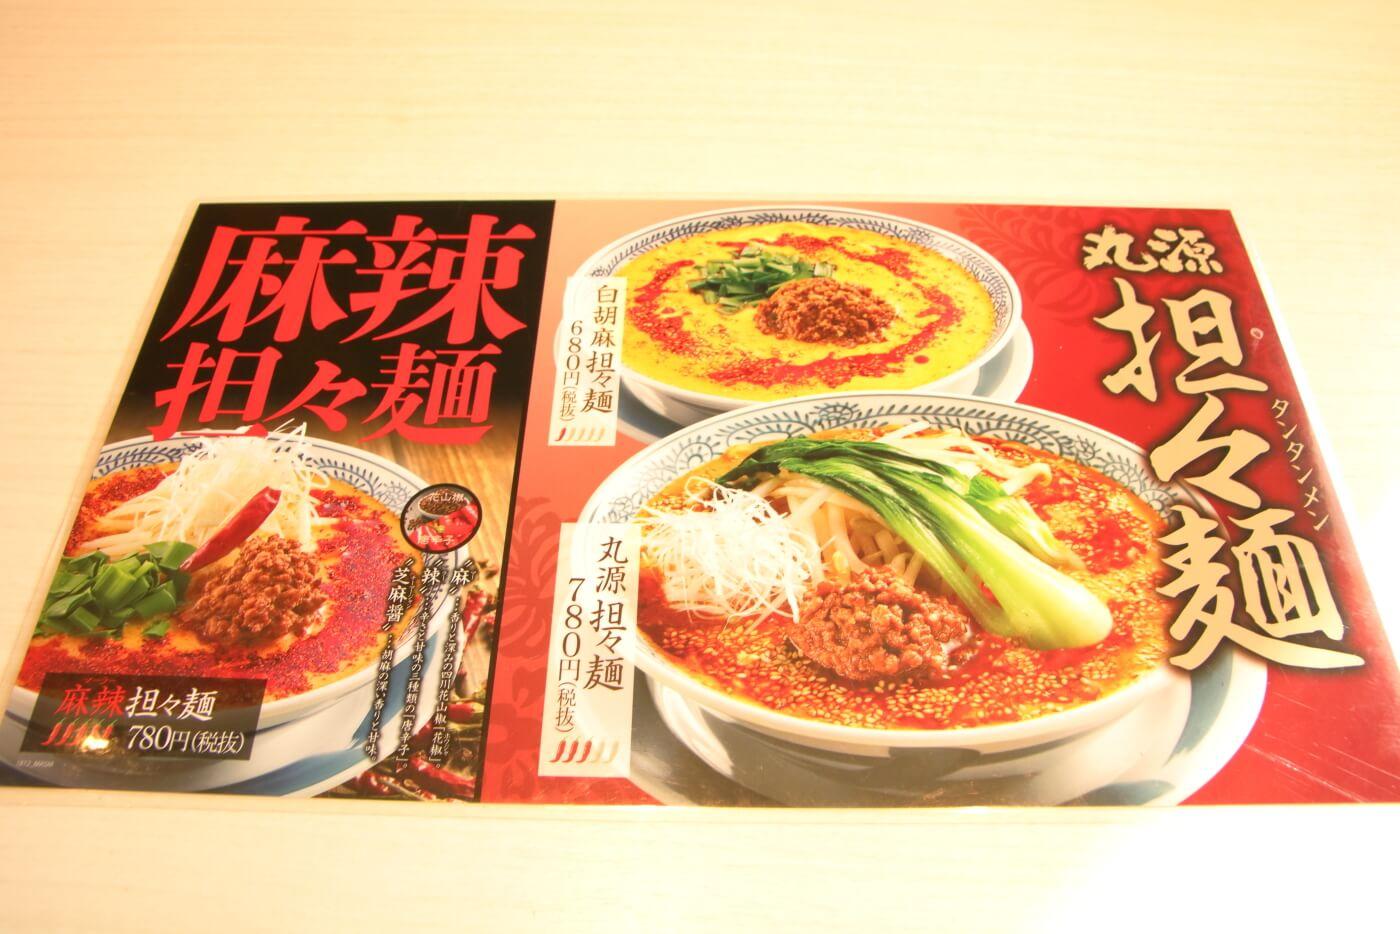 丸源ラーメンの担々麺メニュー